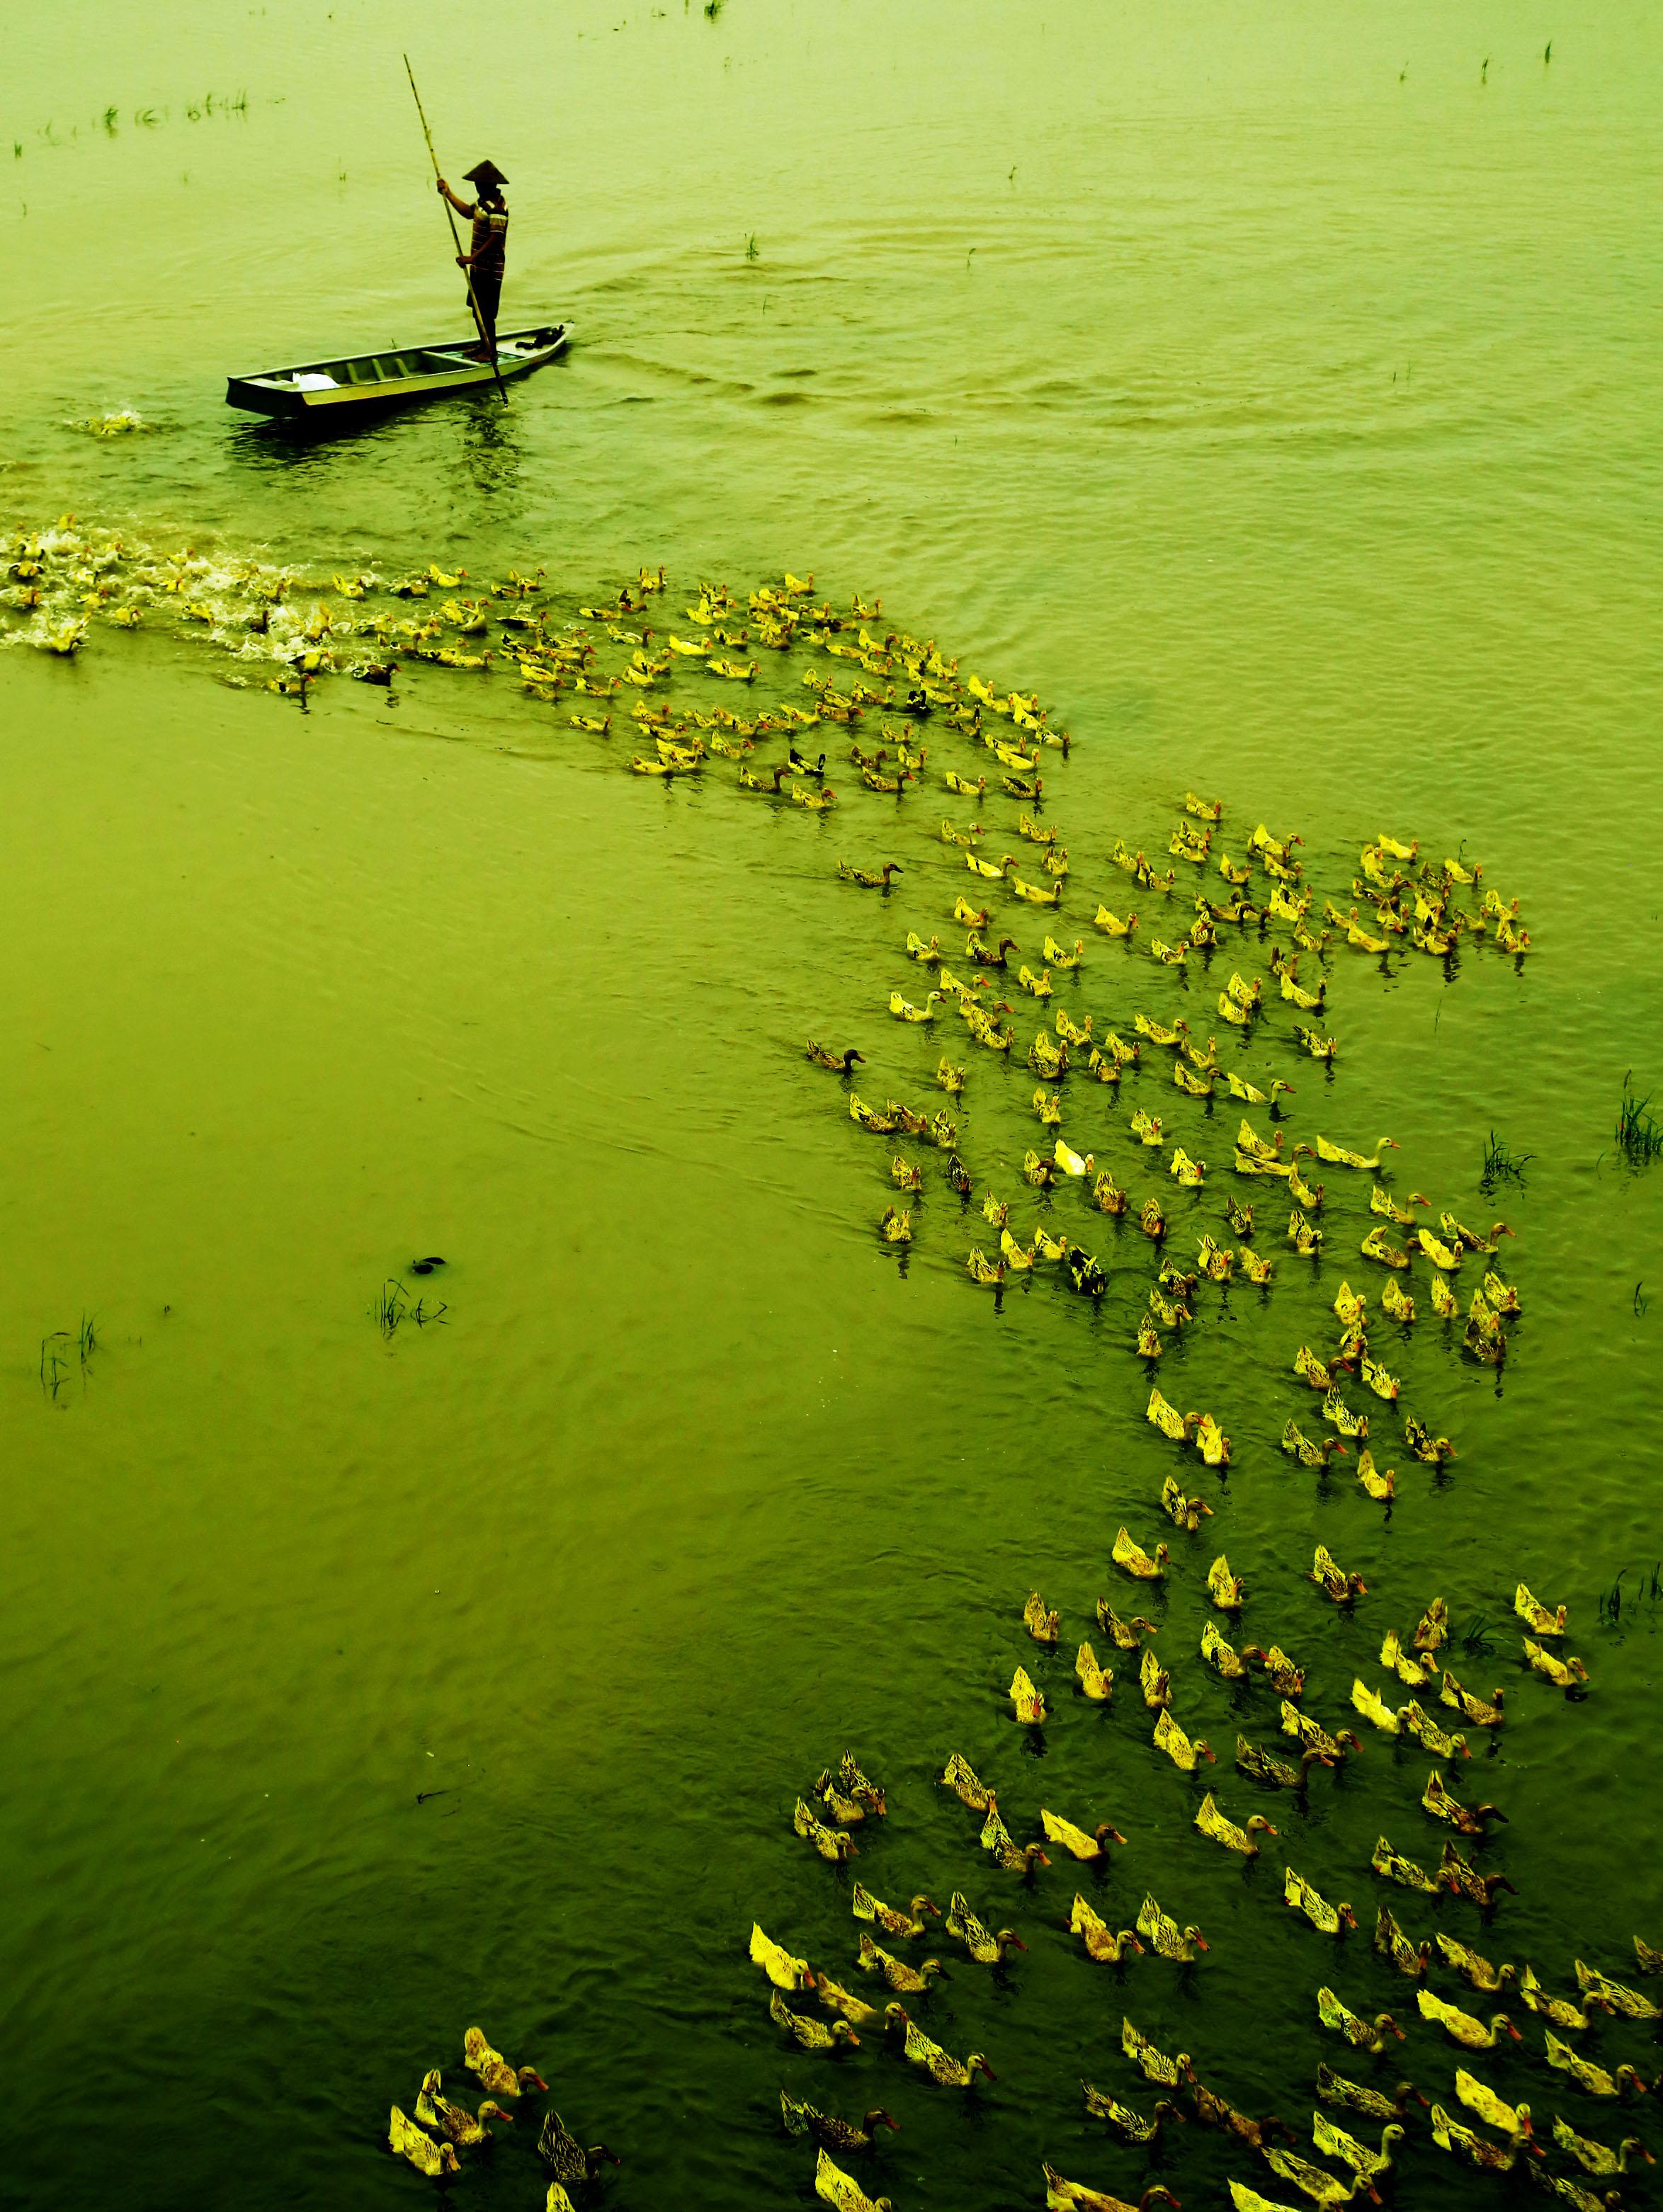 Mùa nước nổi cũng là mùa người dân nuôi vịt chạy đồng.